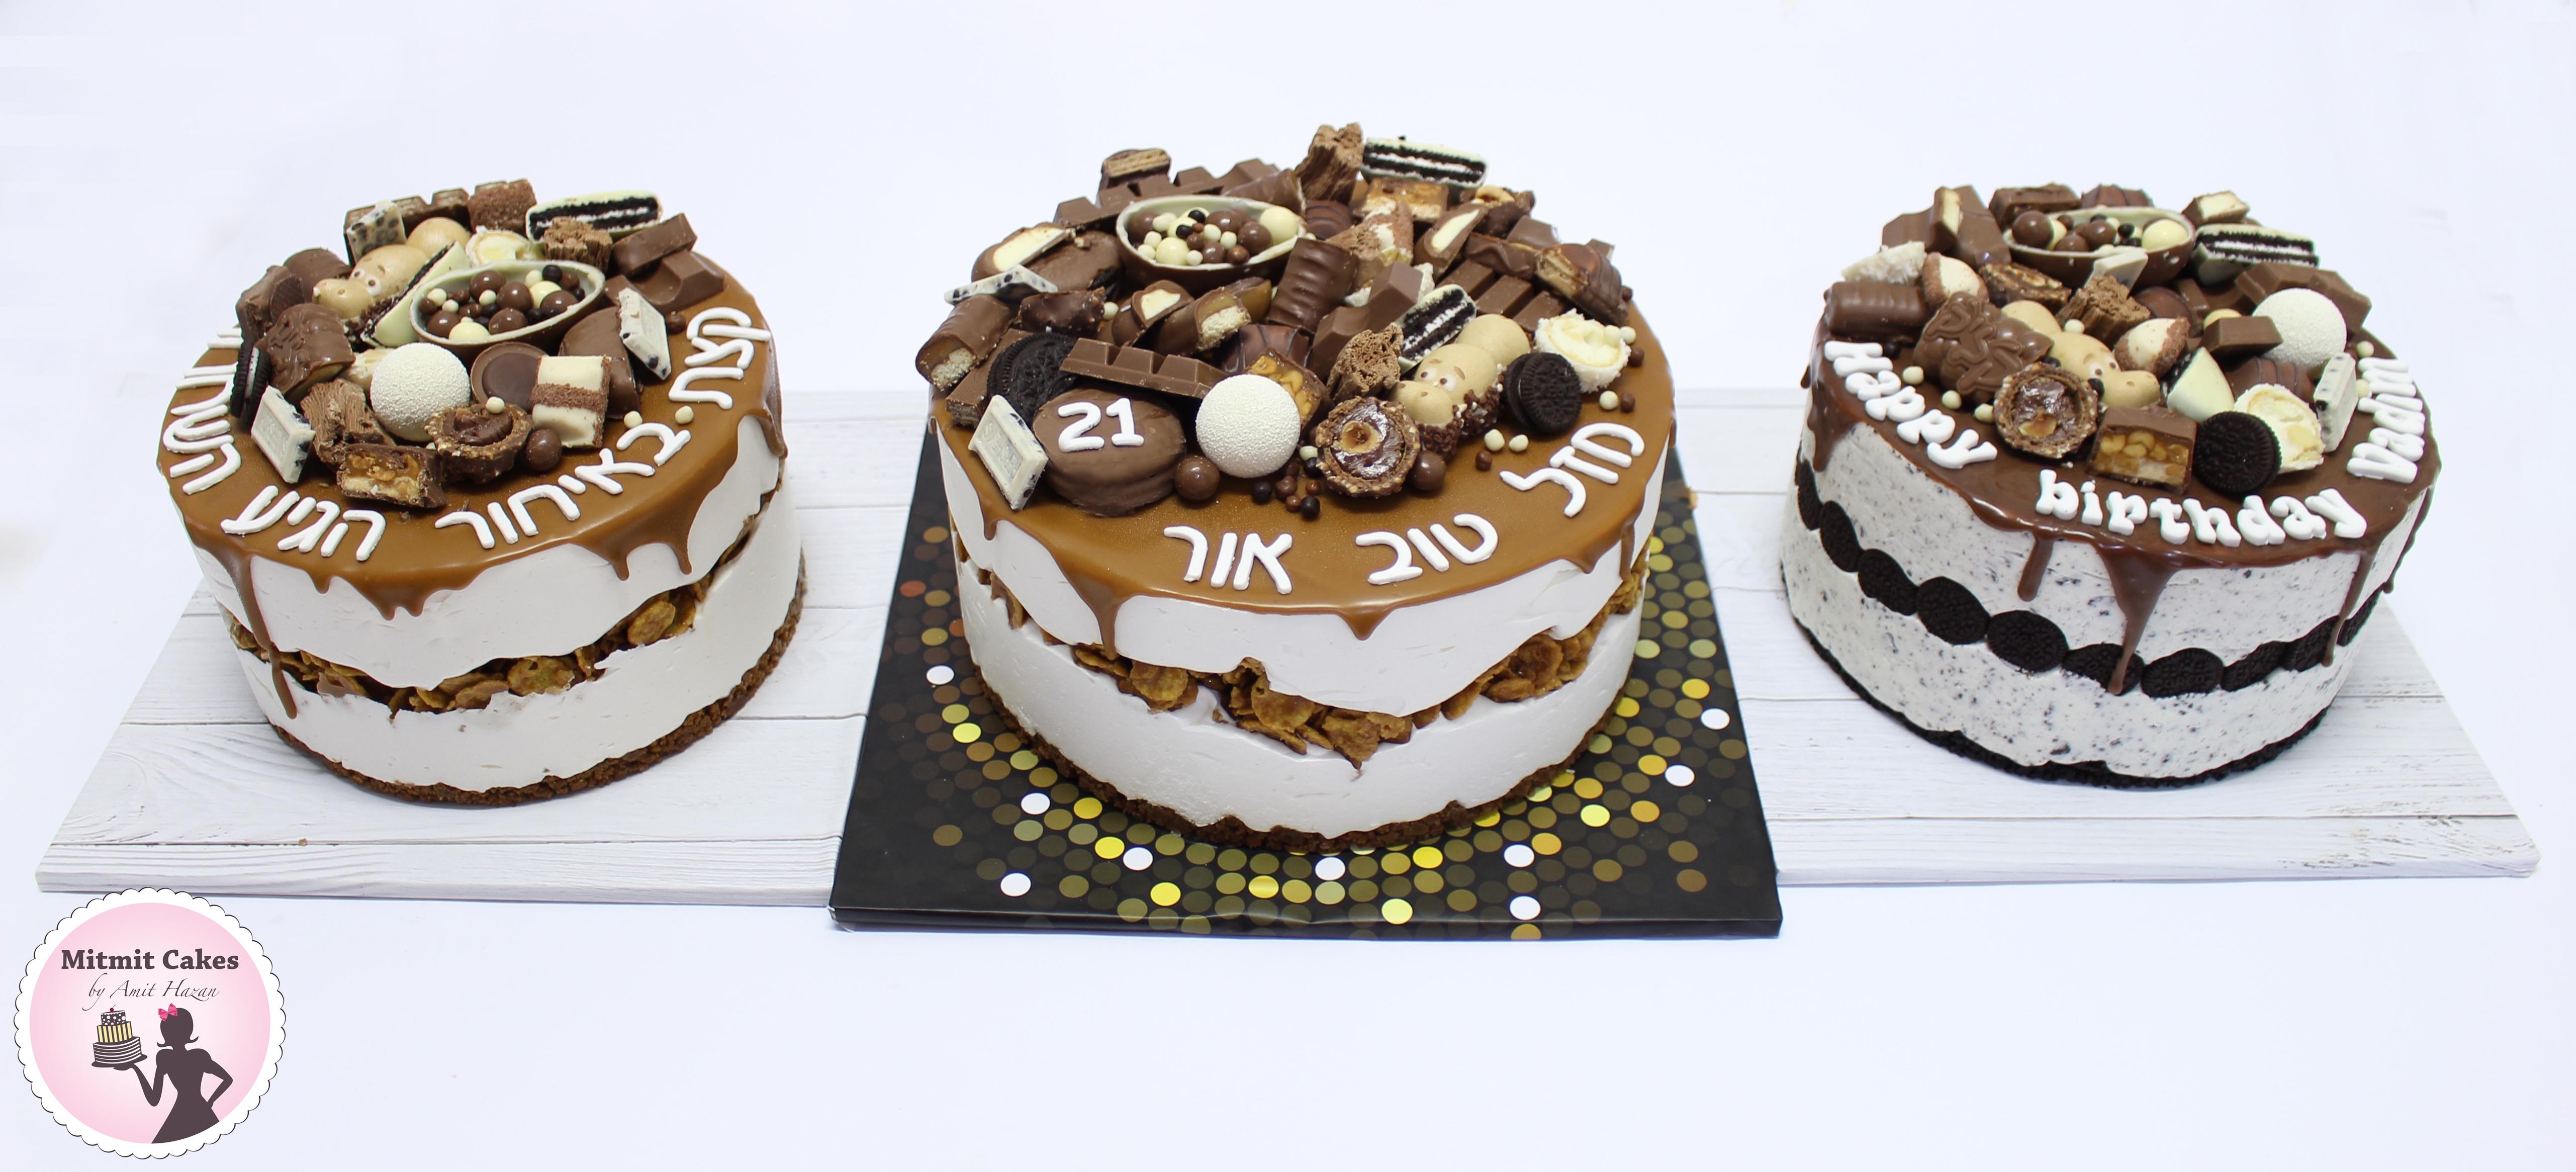 עוגת מוס מסקרפונה ומוס אוריאו